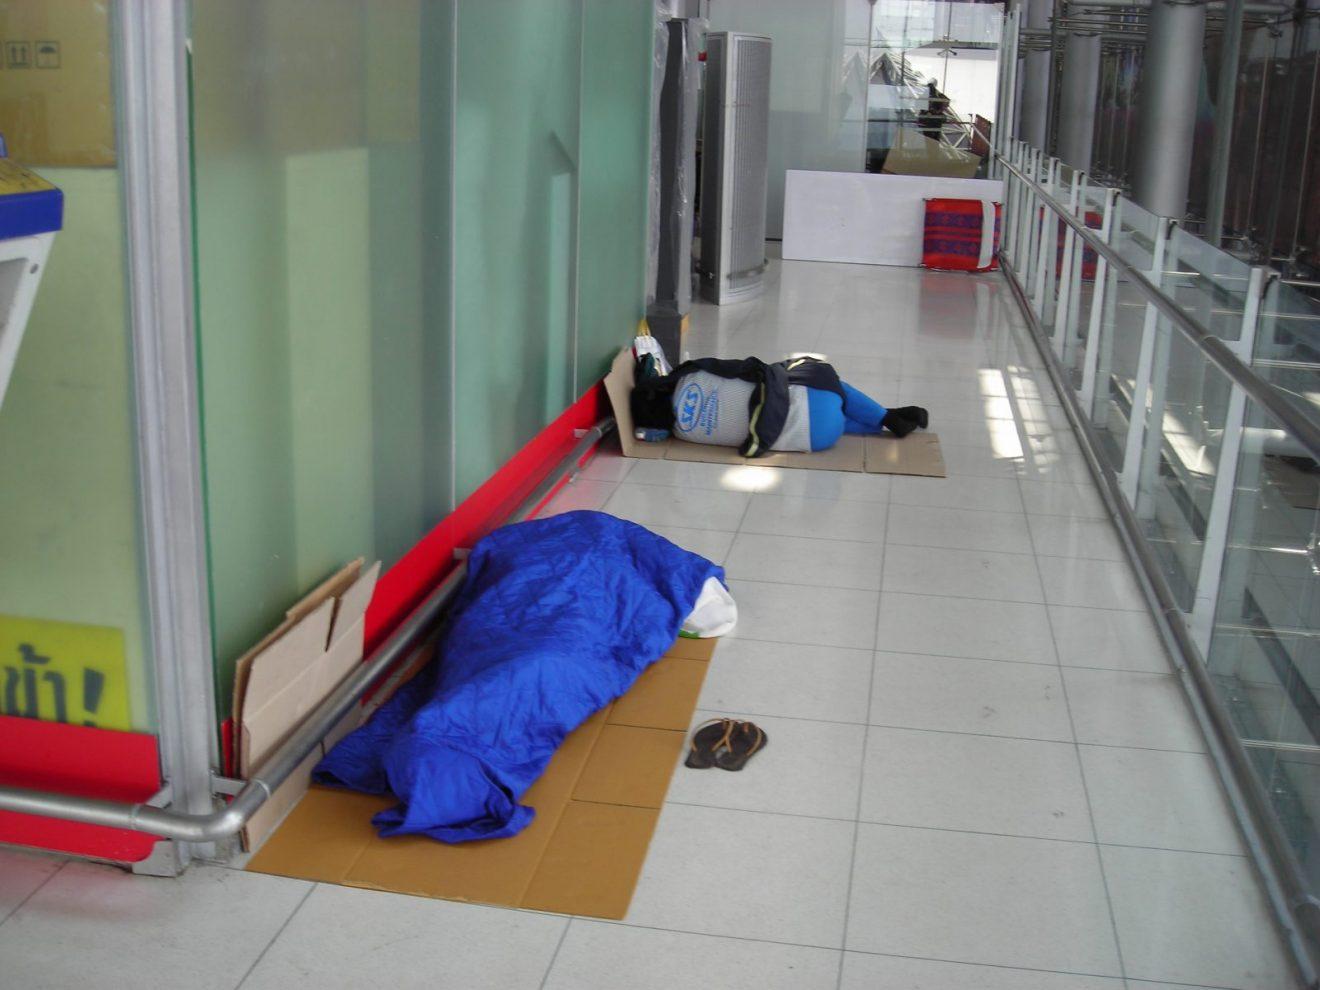 Vreća je dobra stvar npr. za spavanje na javnim mestima